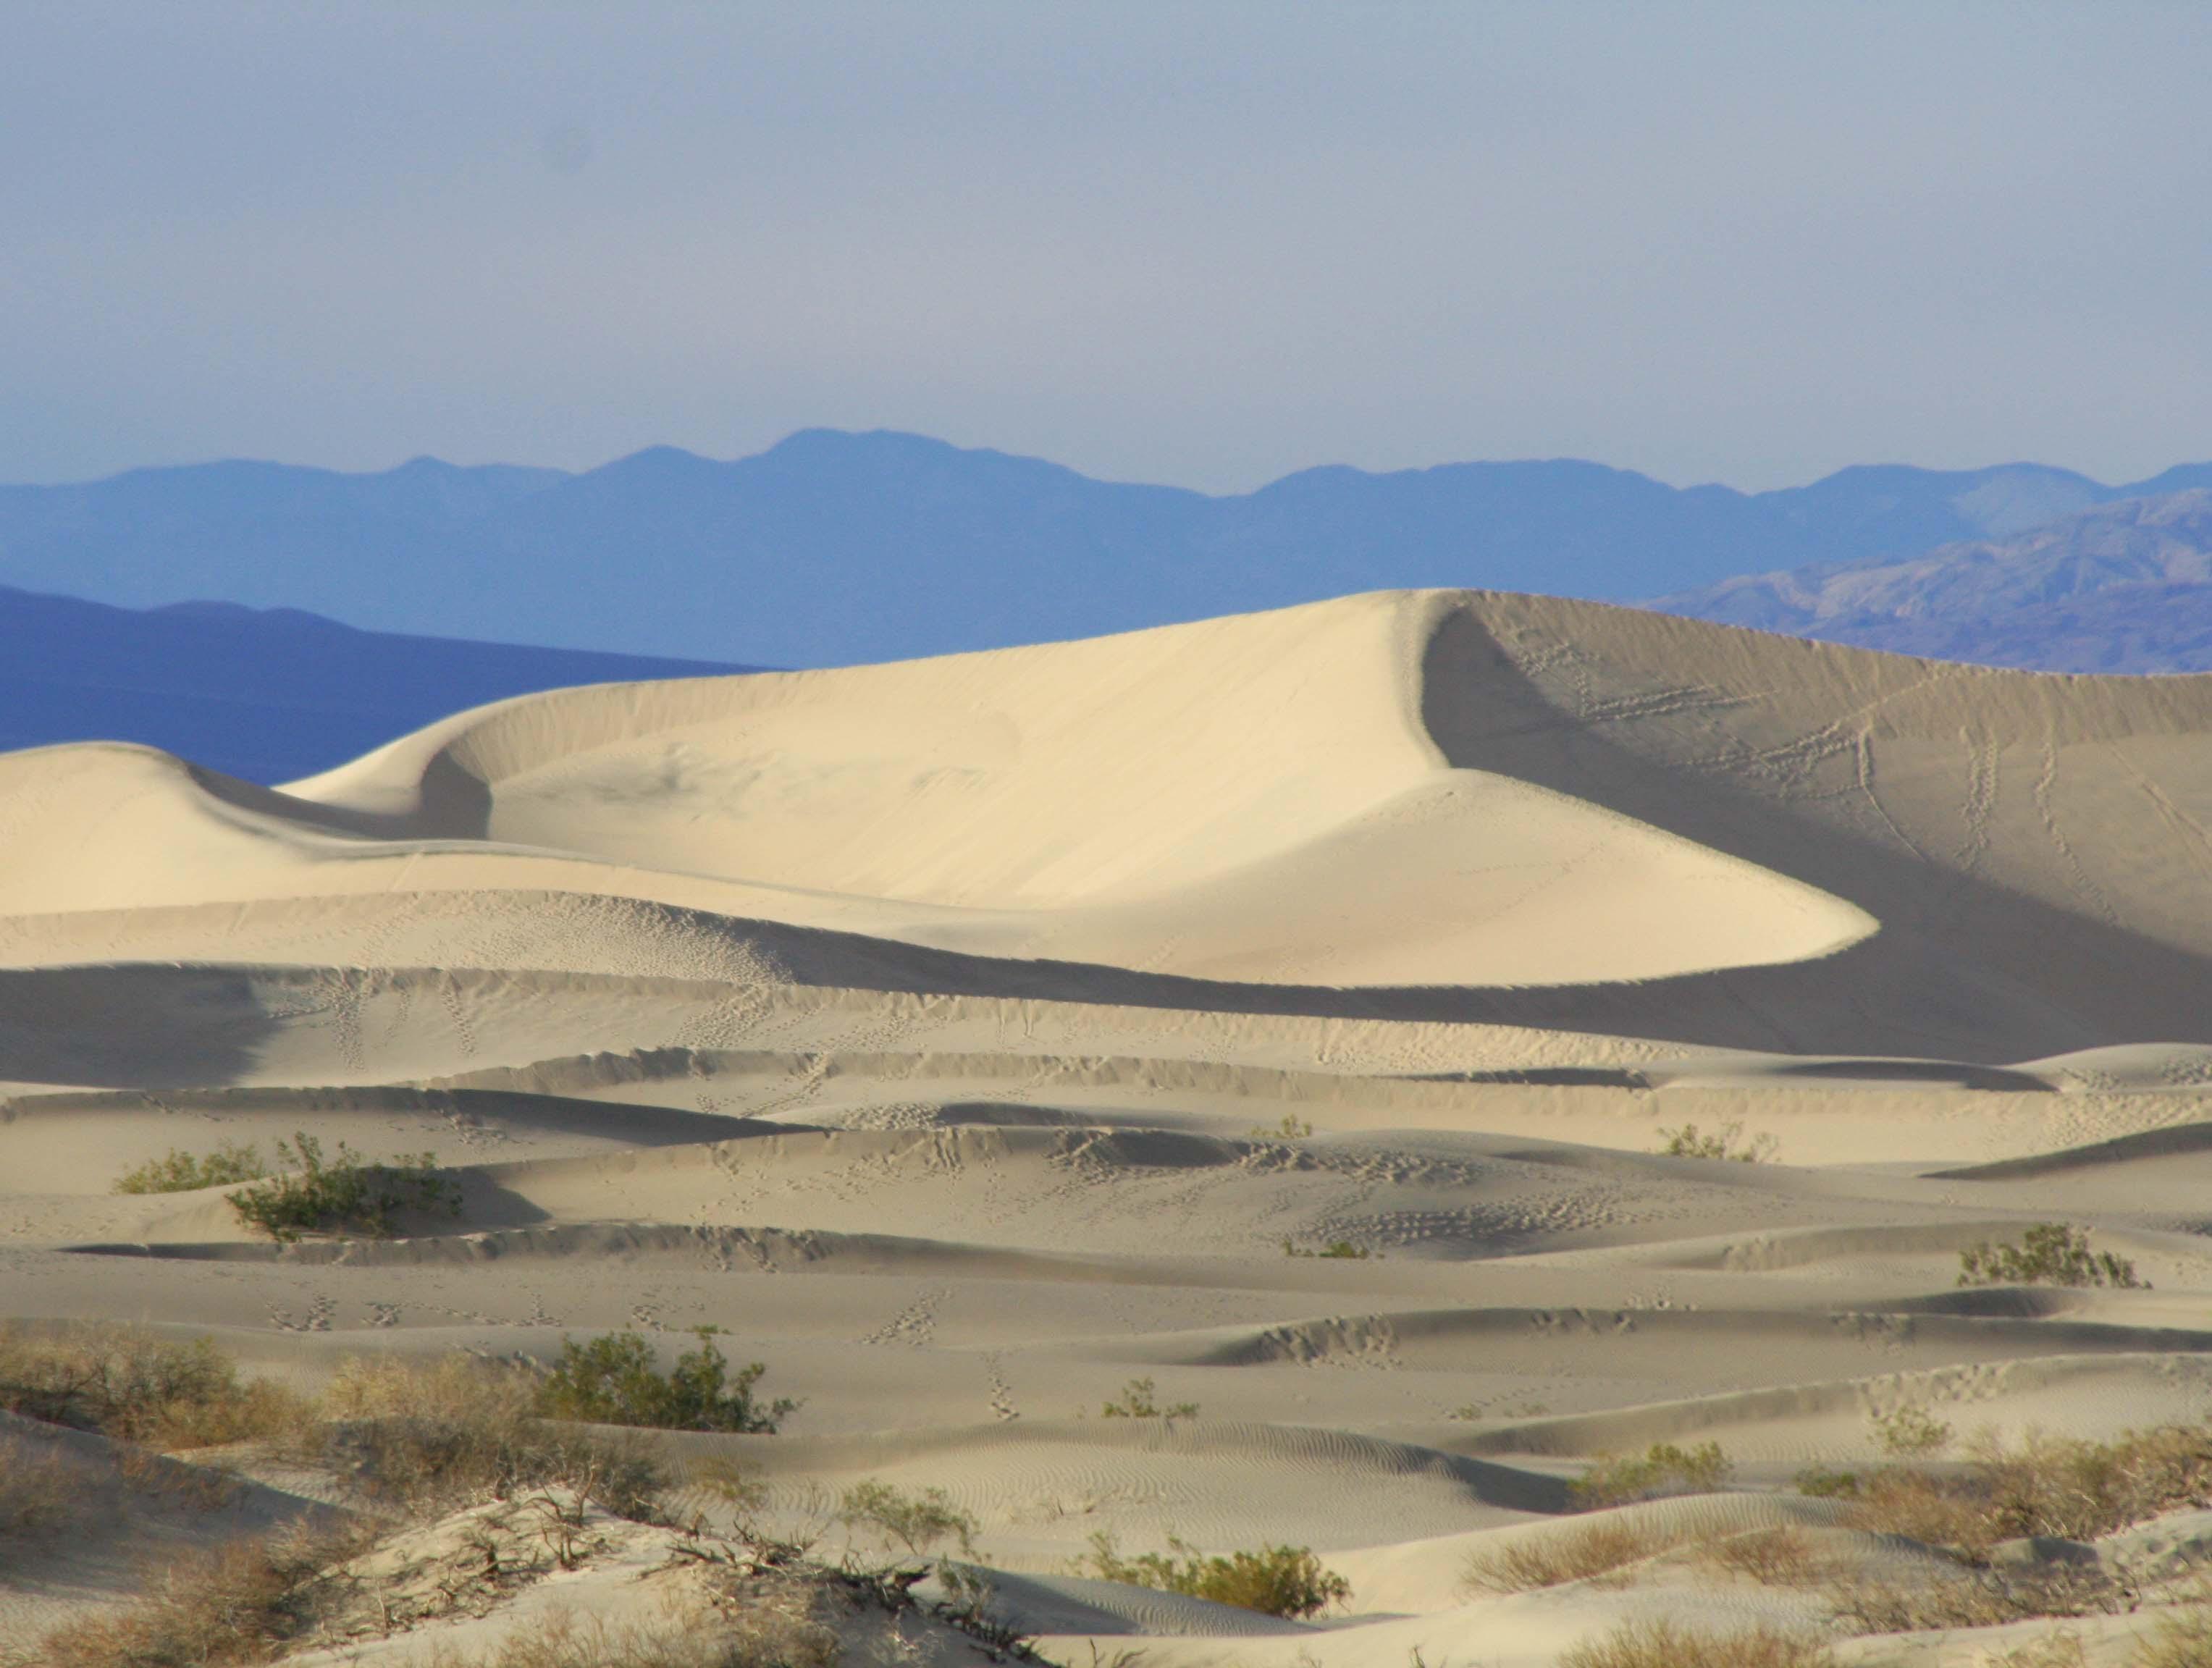 Sand dunes in Death Valley. Photo by Curtis Mekemson.